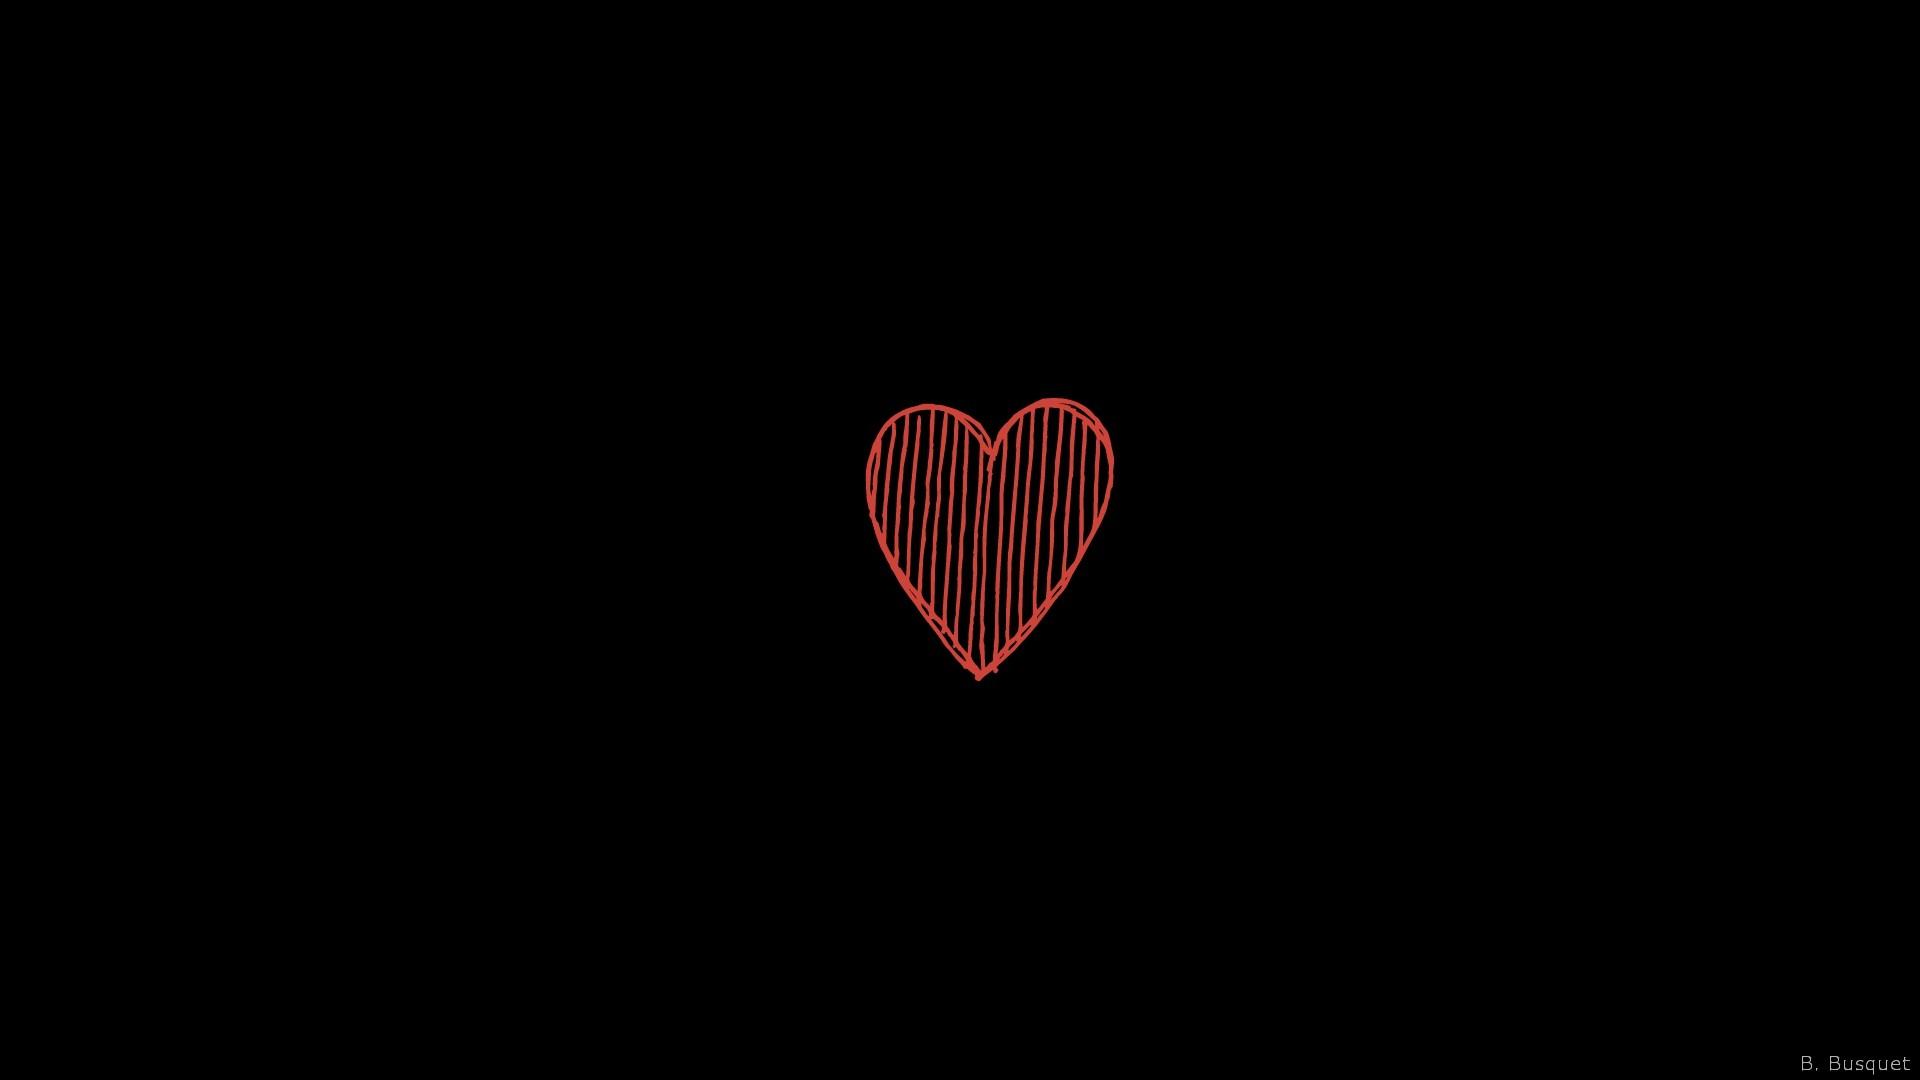 Hình nền đen trái tim đỏ rất đẹp